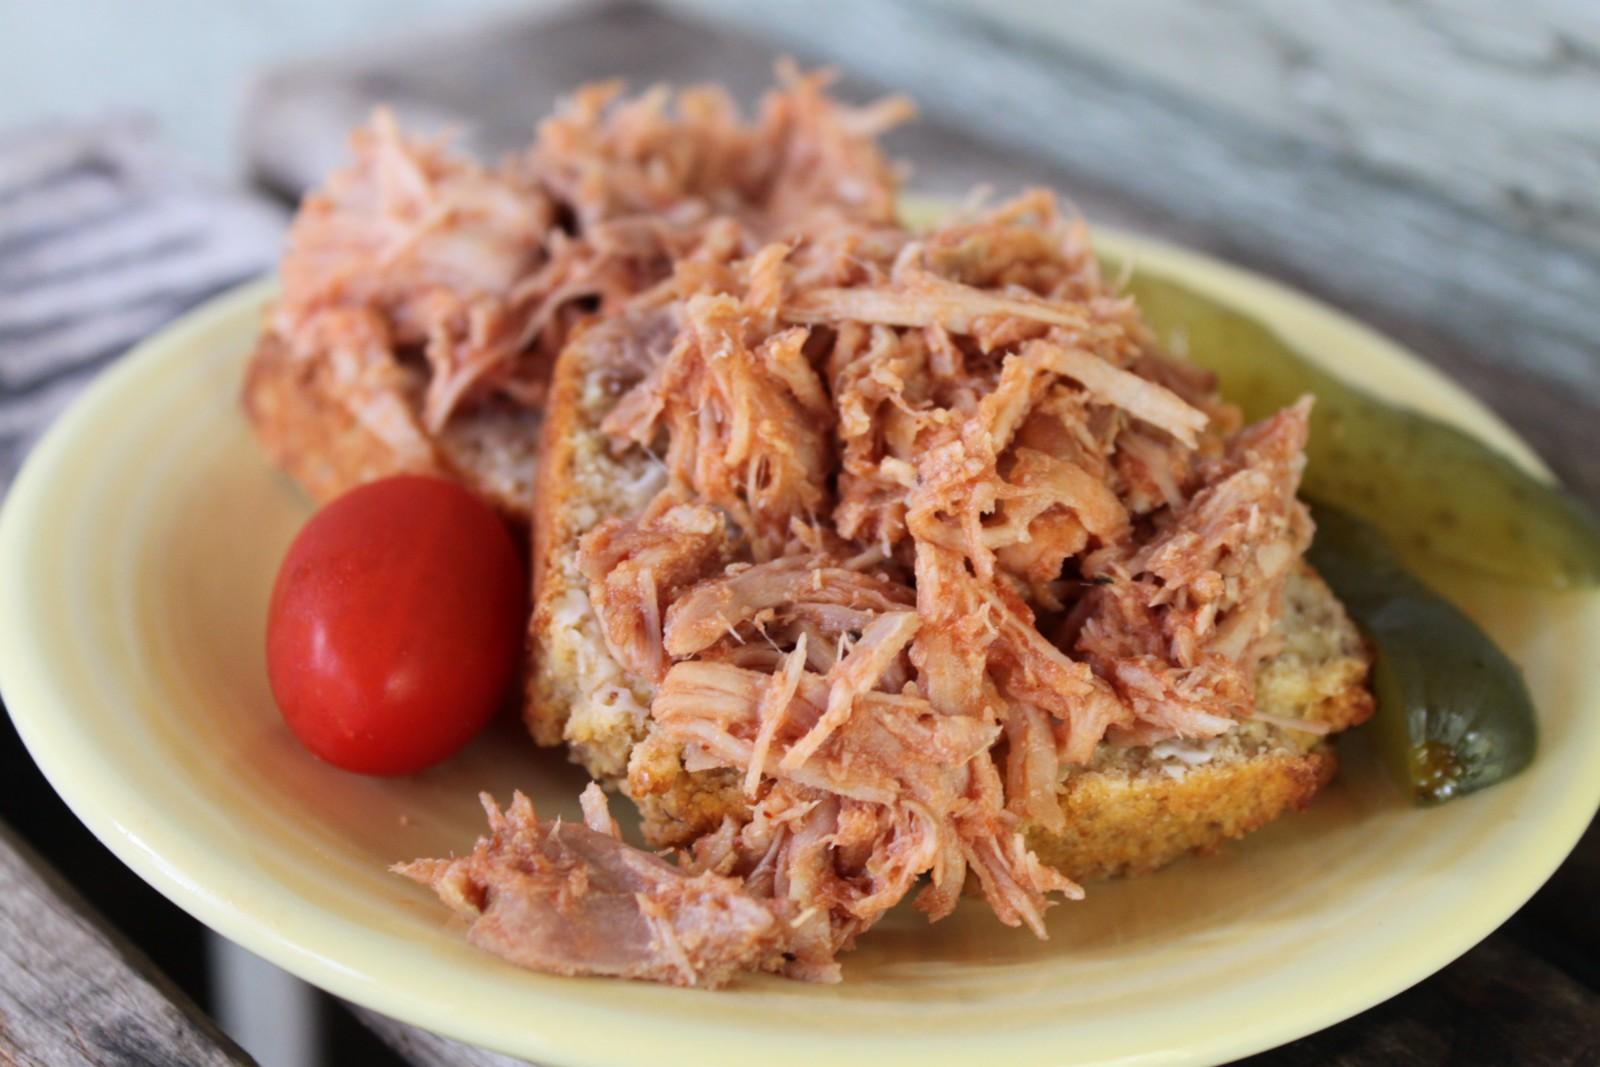 Pulled Pork BBQ Sandwiches